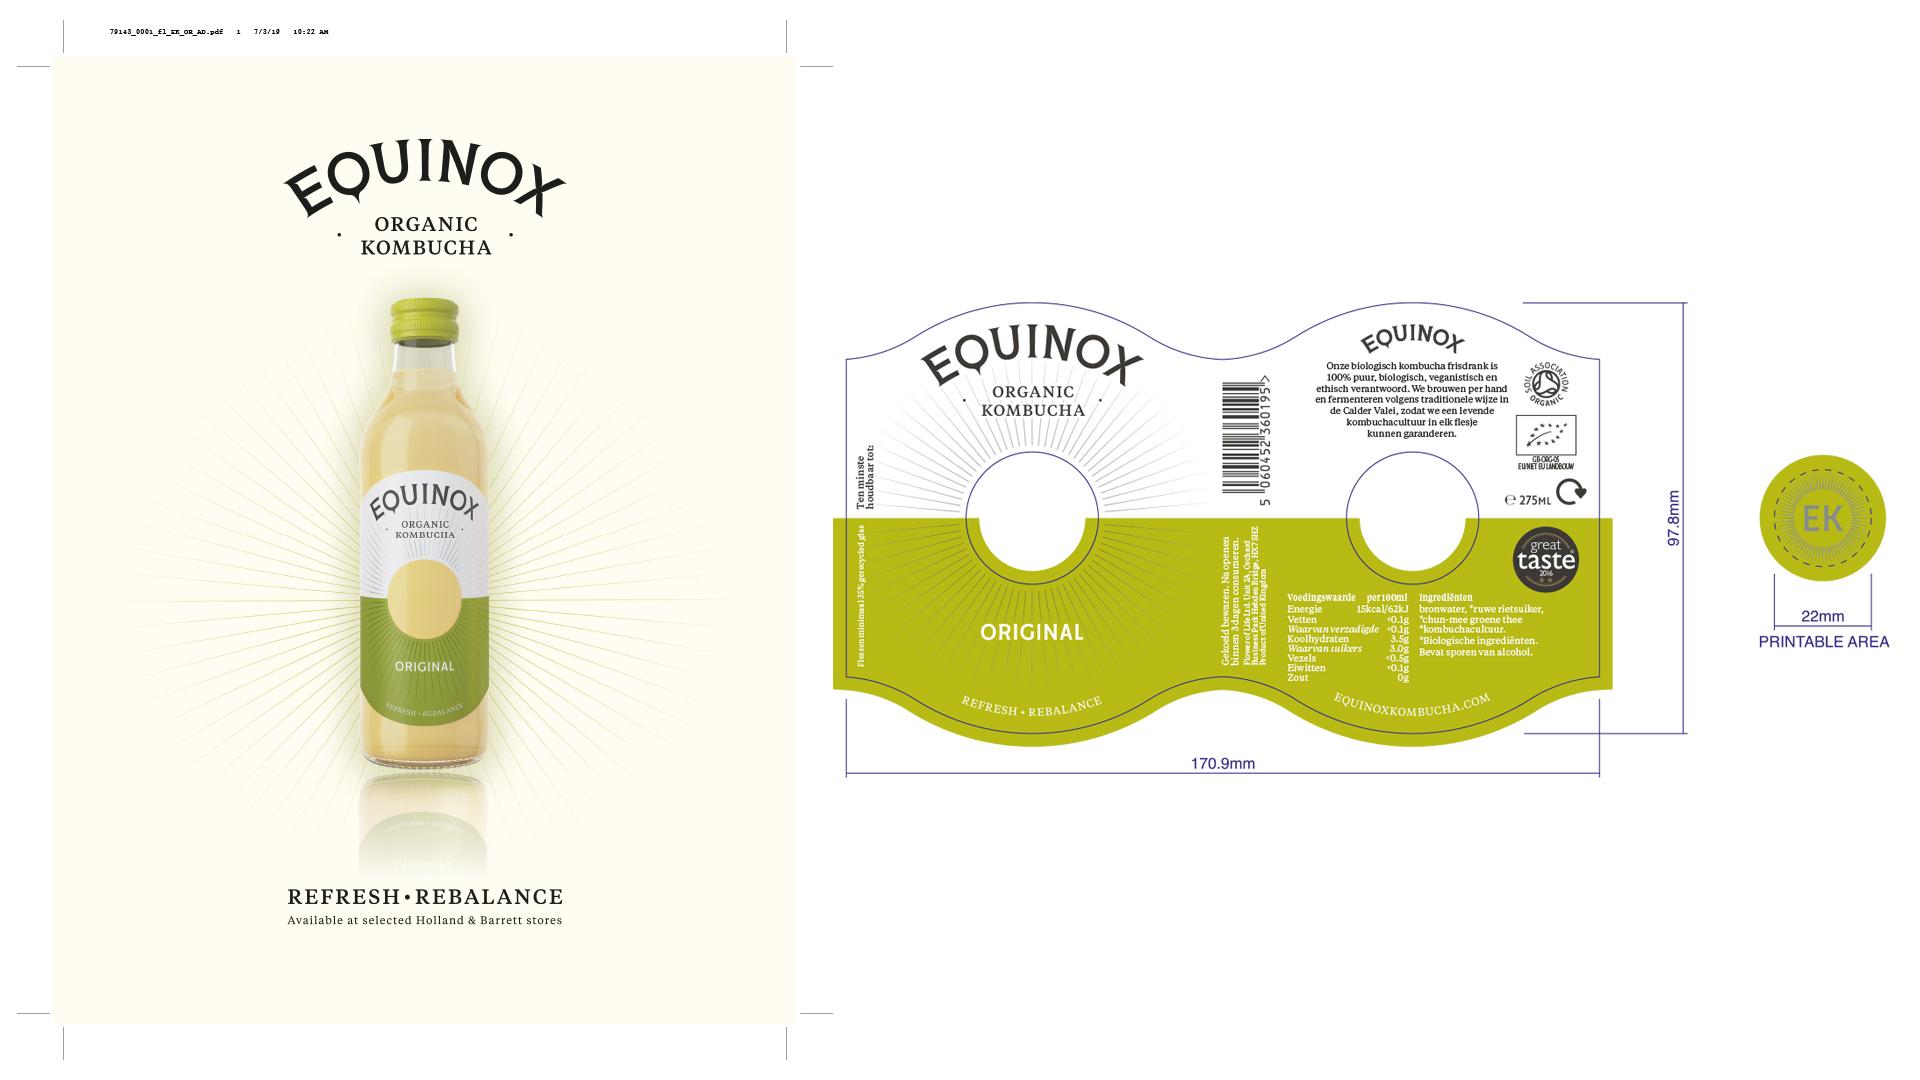 Equinox-bottle-artwork-packaging-food-repro